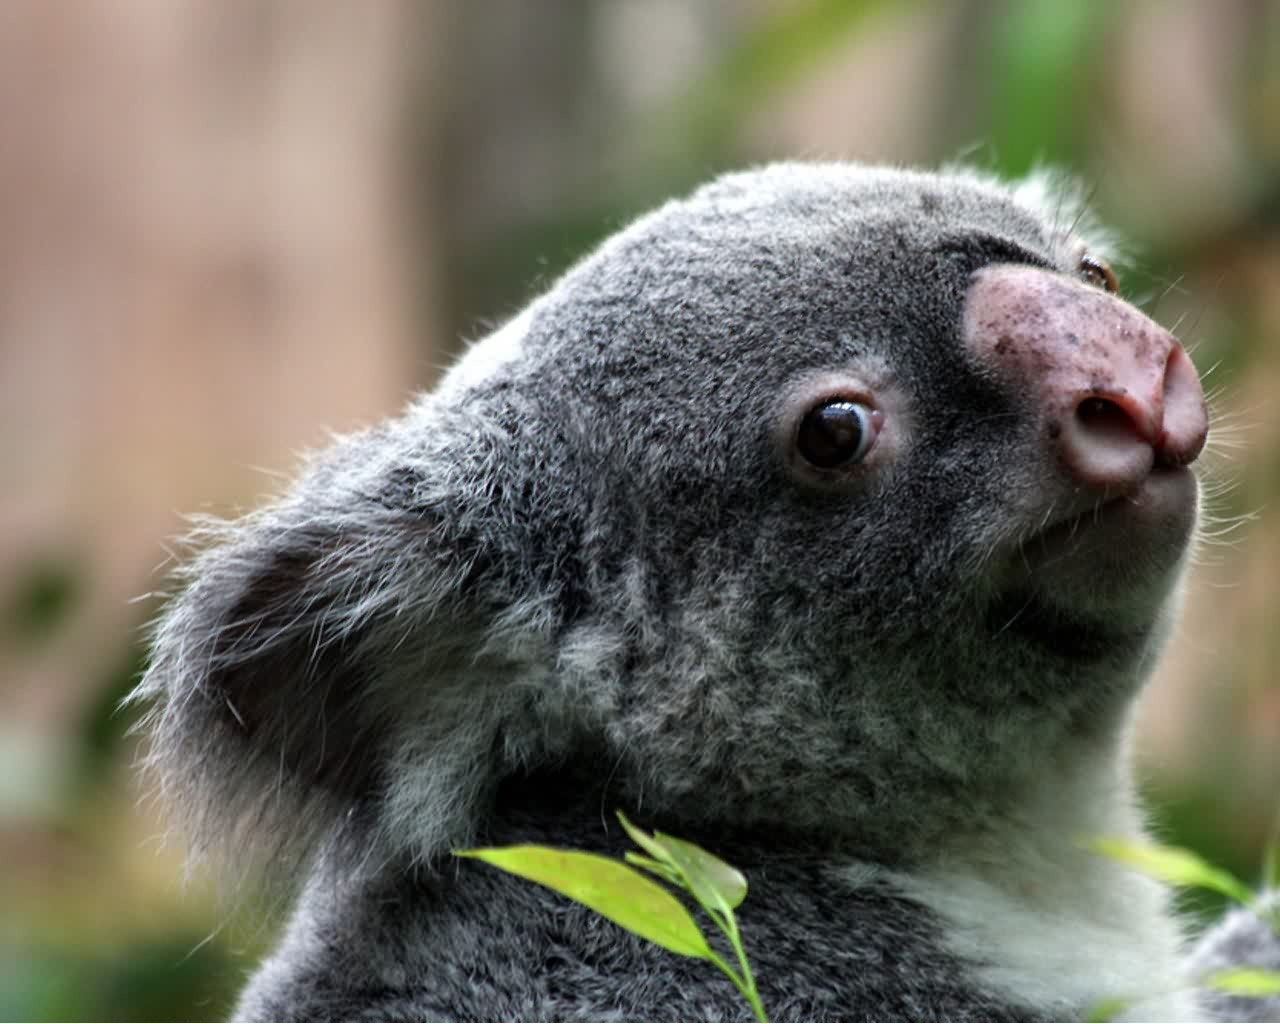 Baby Koala Bear Wallpaper Wallpapers For gt Baby Koala 1280x1024